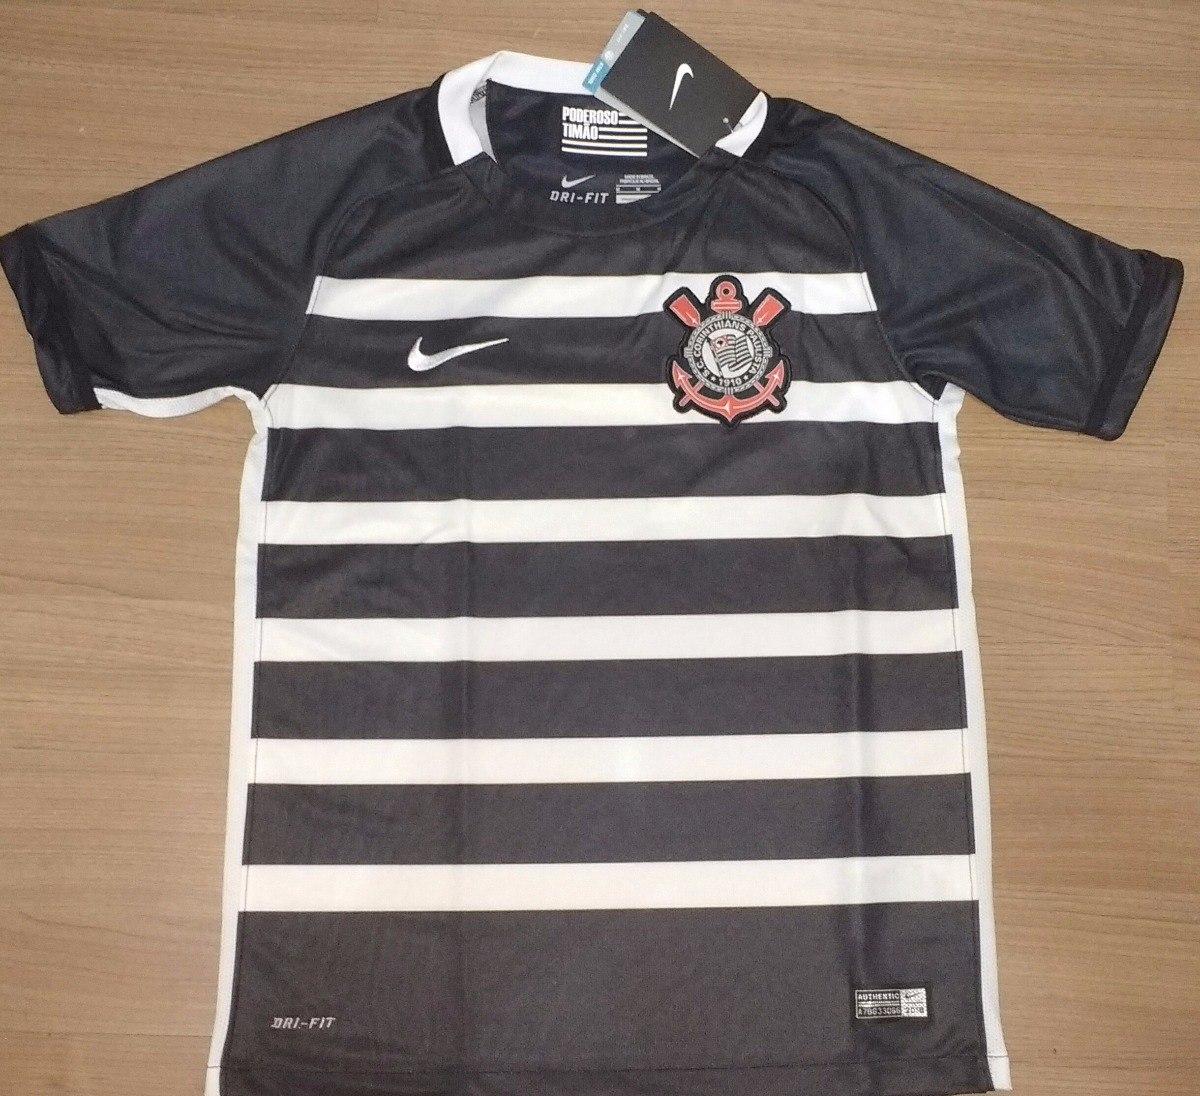 camiseta do corinthians feminina 100%original nike. Carregando zoom. 22133bdeefa0c